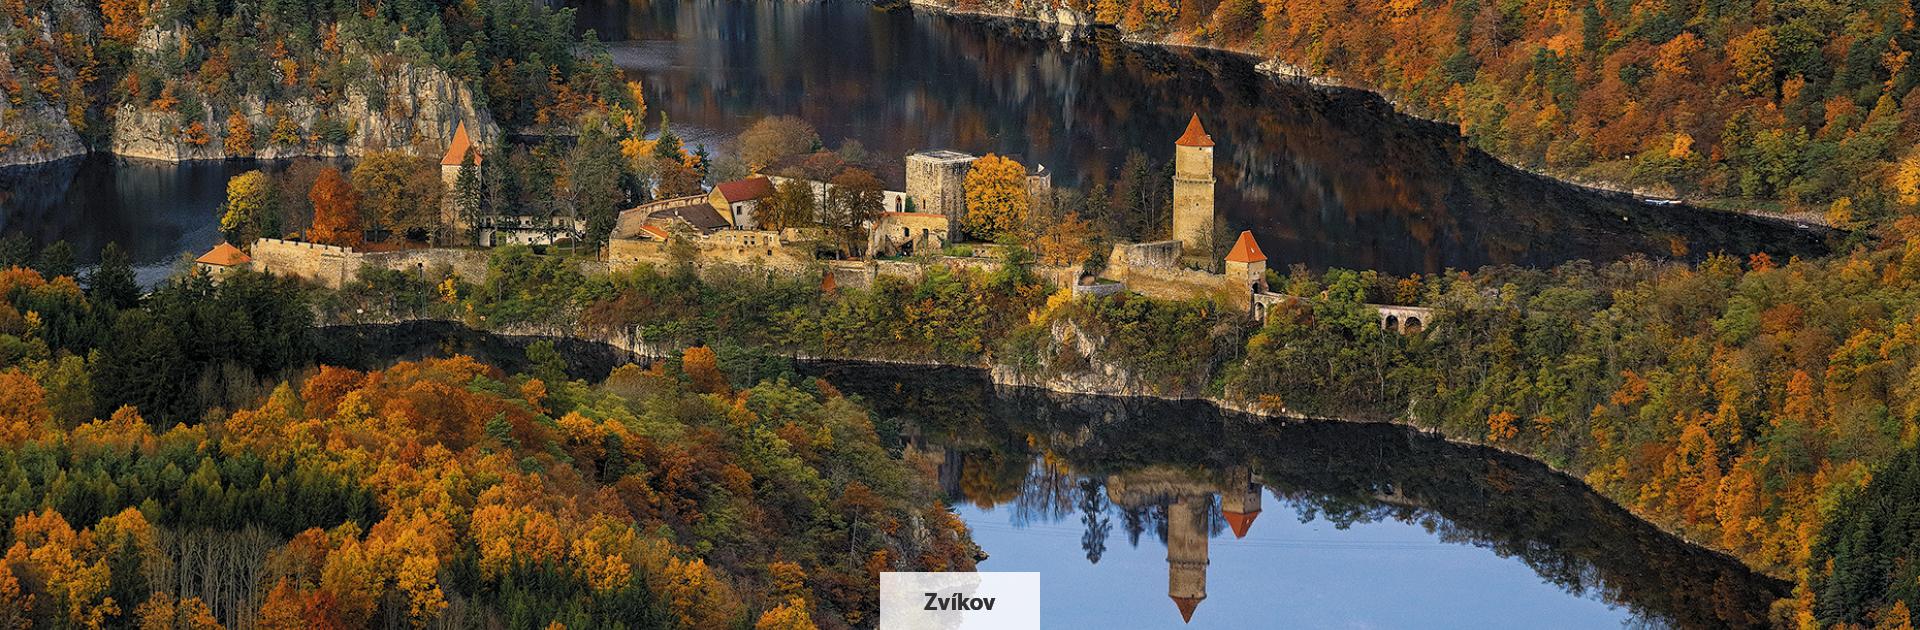 Zvíkov, královský hrad z počátku 13. století, zdroj: Libor Sváček, archiv Vydavatelství MCU